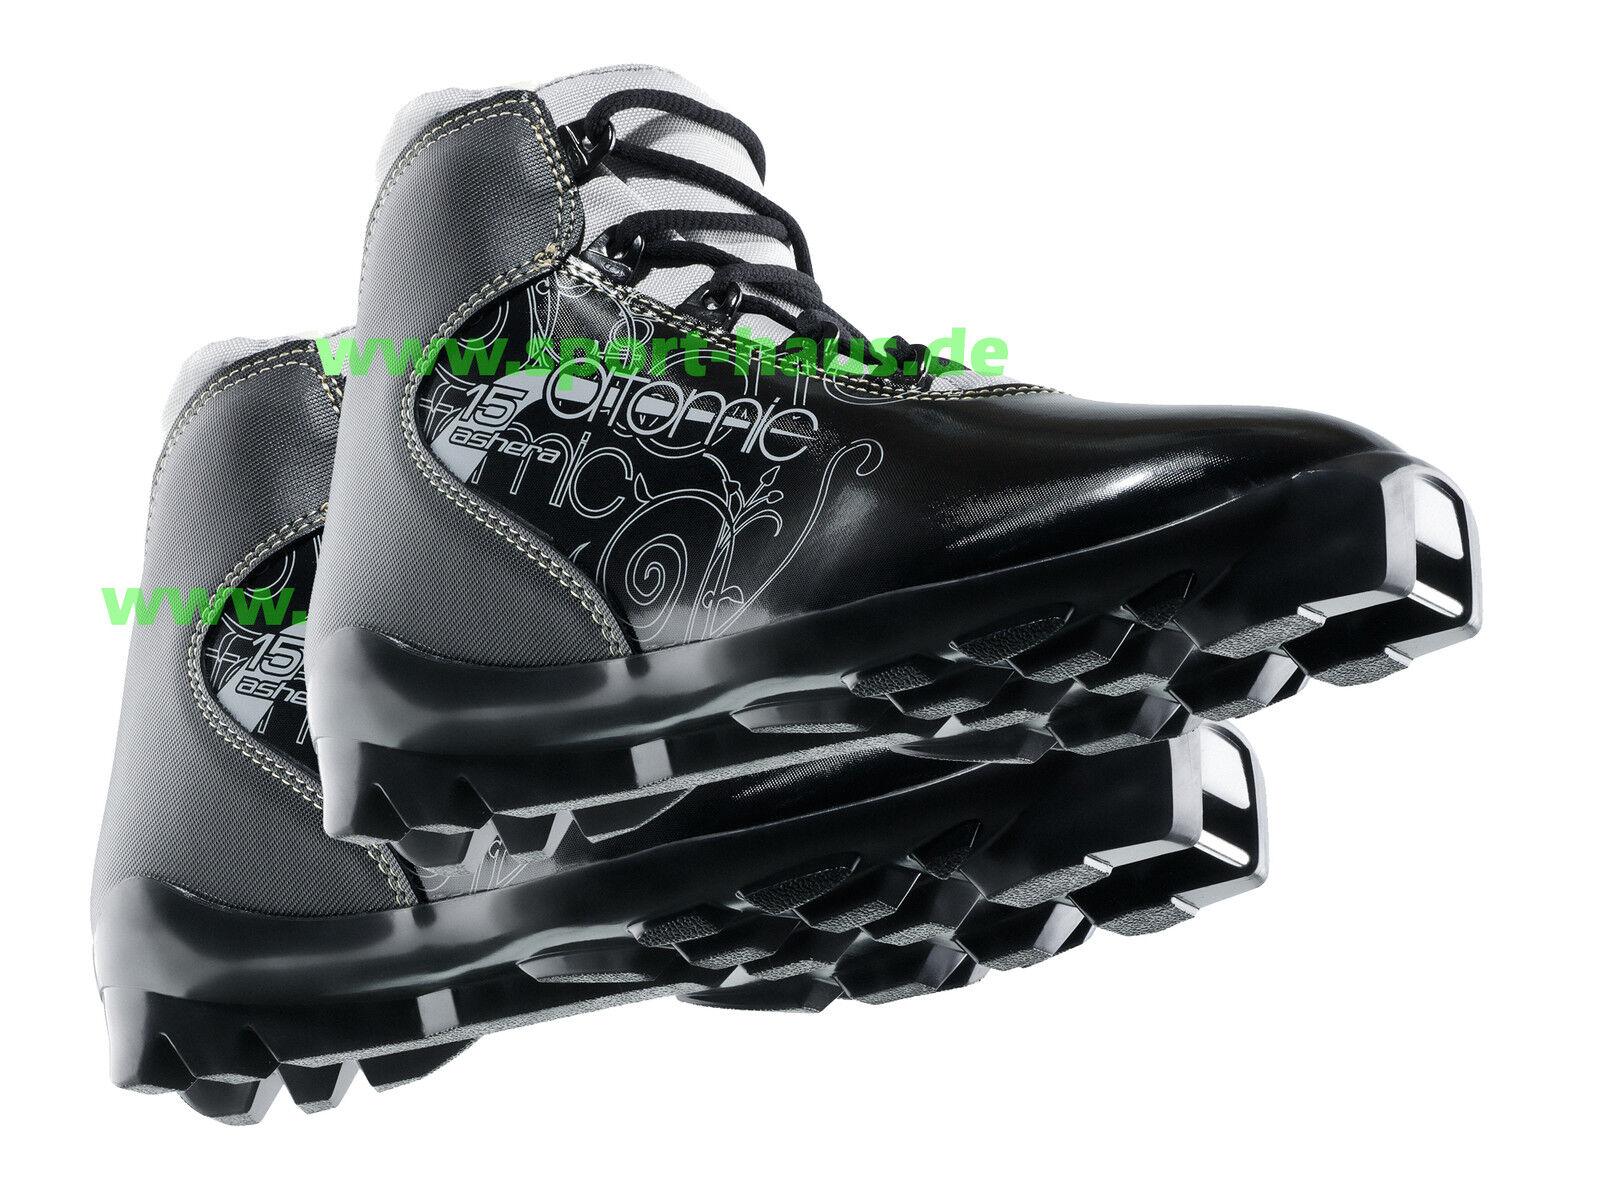 Atomic Ashera 15 - Gr.  3,5 - Nordic Langlauf Schuh mit SNS Sohle - Klassiker -